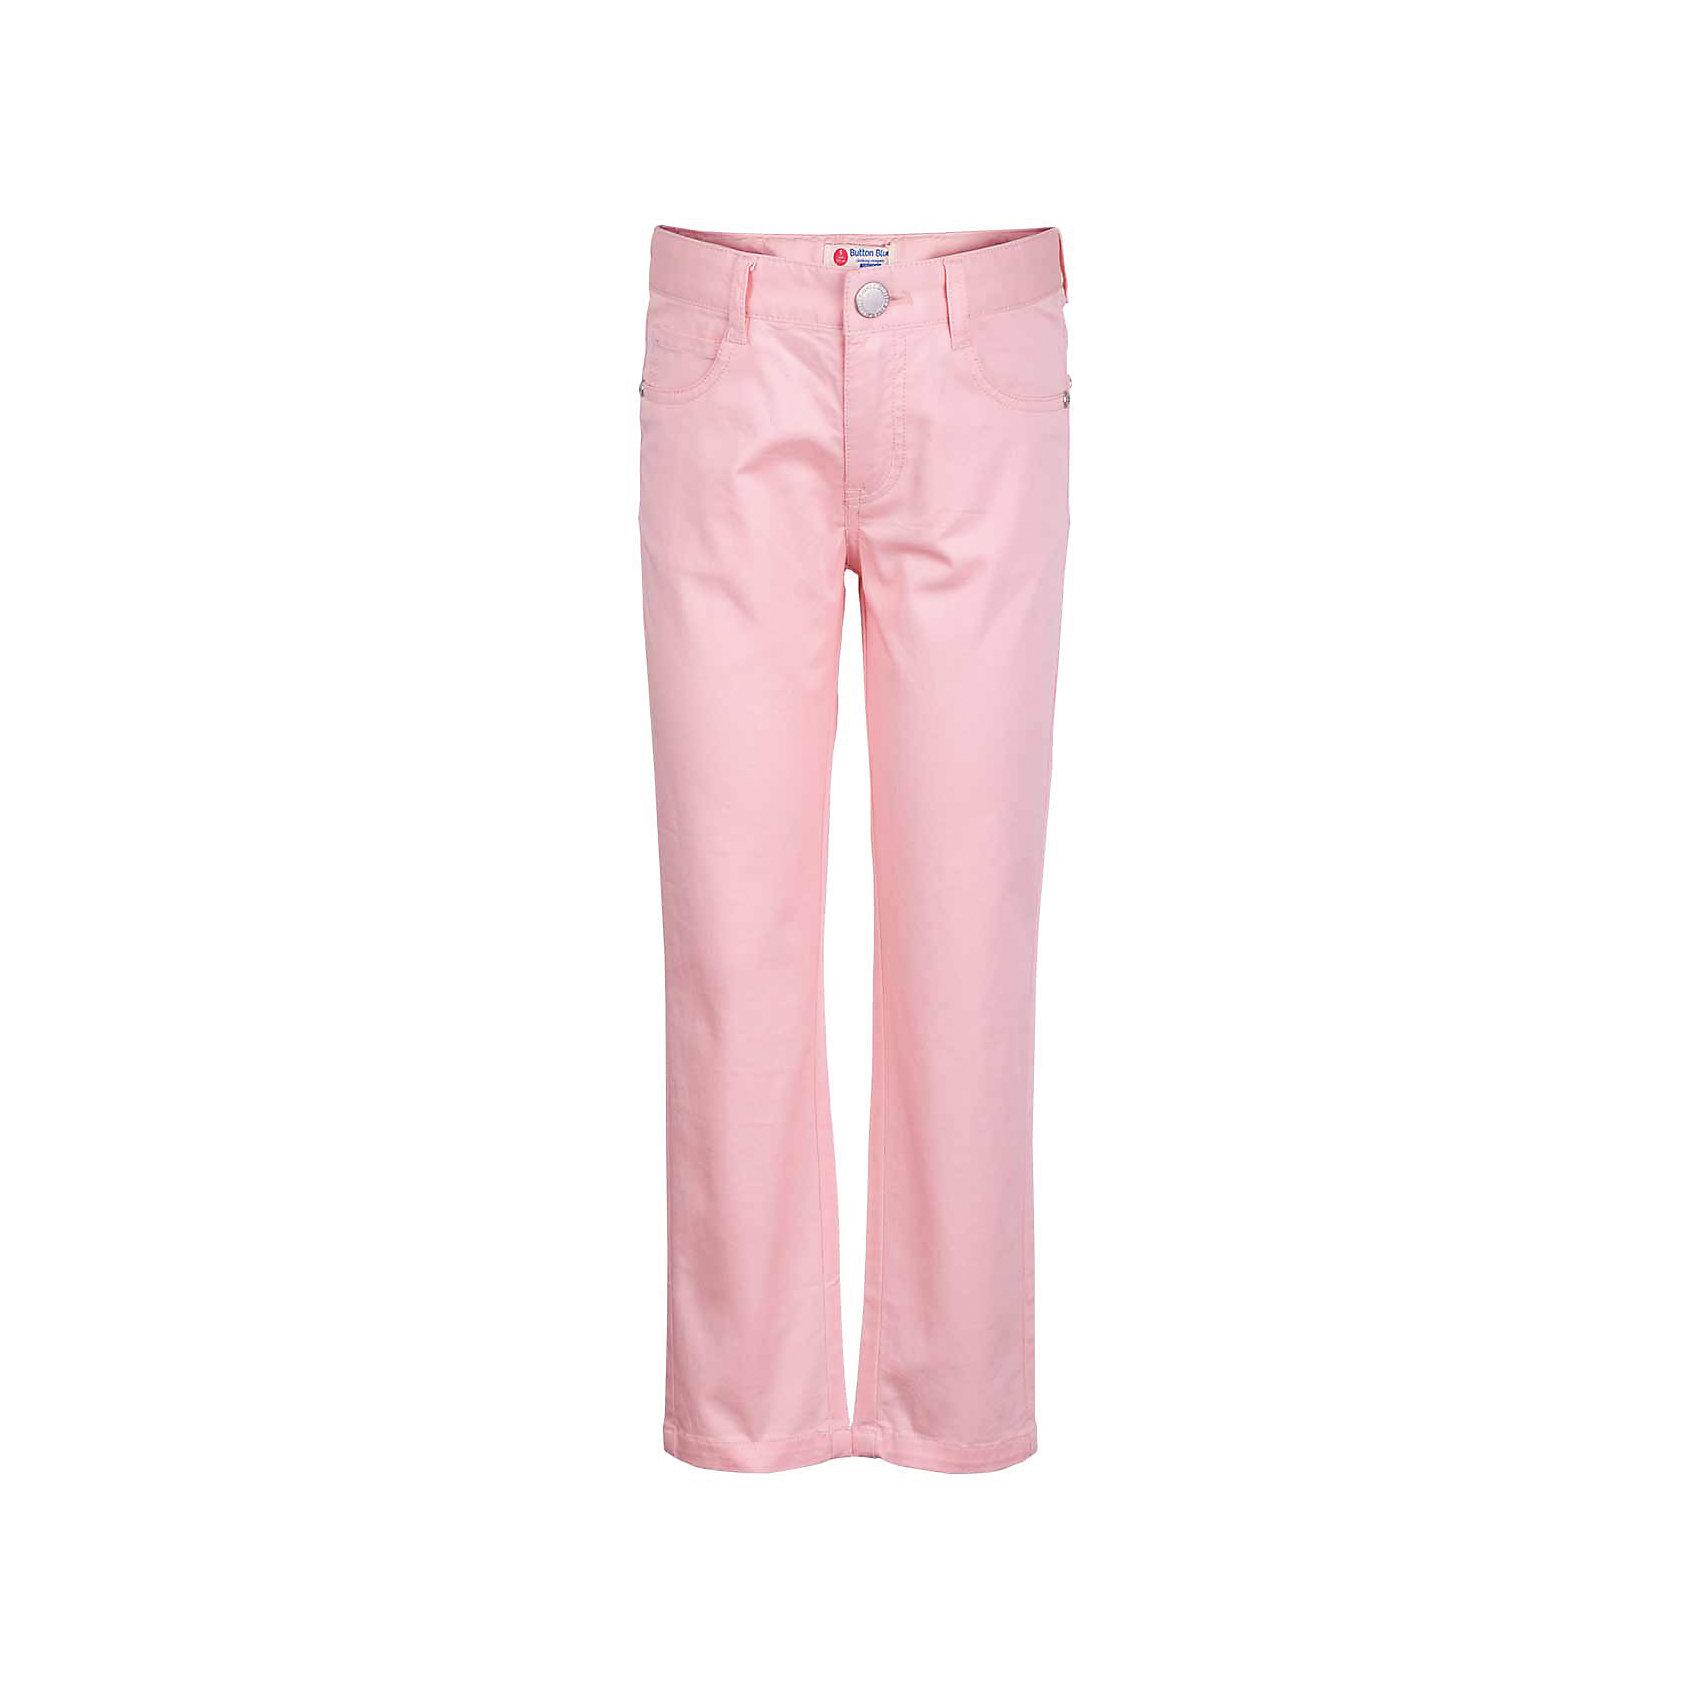 Брюки для девочки  BUTTON BLUEБрюки<br>Брюки для девочки  BUTTON BLUE<br>Яркие брюки - залог стильного образа для каждого дня лета. Отличные брюки по доступной цене гарантируют прекрасный внешний вид, комфорт и свободу движений. В компании с любой майкой, футболкой, джемпером брюки составят достойный летний комплект. Если вы хотите купить недорогие детские брюки, не сомневаясь в их качестве, высоких потребительских свойствах и соответствии модным трендам, брюки от Button Blue - отличный вариант!<br>Состав:<br>97% хлопок 3% эластан<br><br>Ширина мм: 215<br>Глубина мм: 88<br>Высота мм: 191<br>Вес г: 336<br>Цвет: розовый<br>Возраст от месяцев: 144<br>Возраст до месяцев: 156<br>Пол: Женский<br>Возраст: Детский<br>Размер: 158,98,104,110,116,122,128,134,140,146,152<br>SKU: 5523646